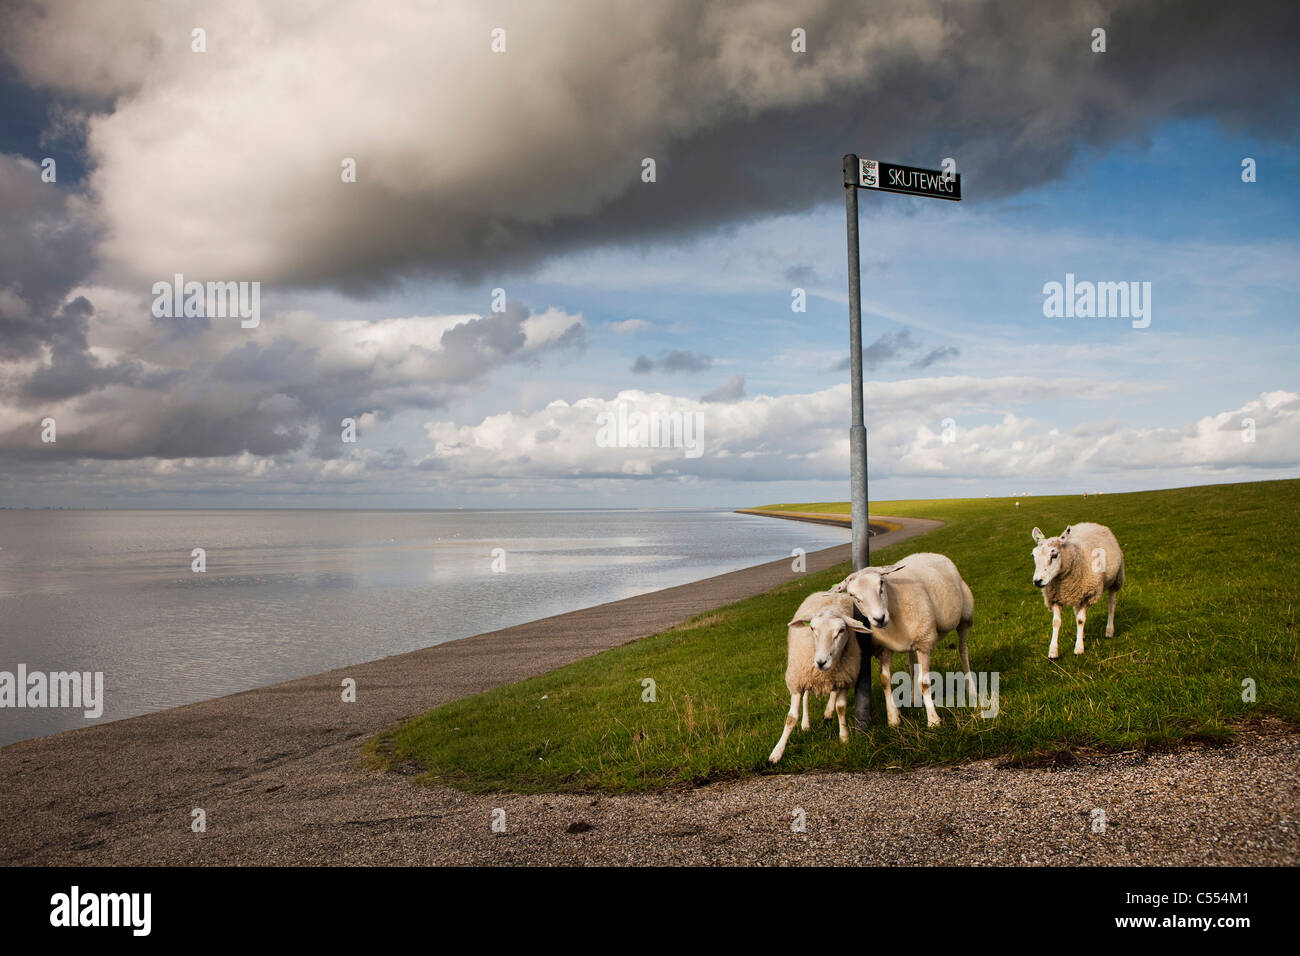 I Paesi Bassi, Buren sull isola di Ameland, appartenente al mare di Wadden Islands. Unesco - Sito Patrimonio dell'umanità. Immagini Stock